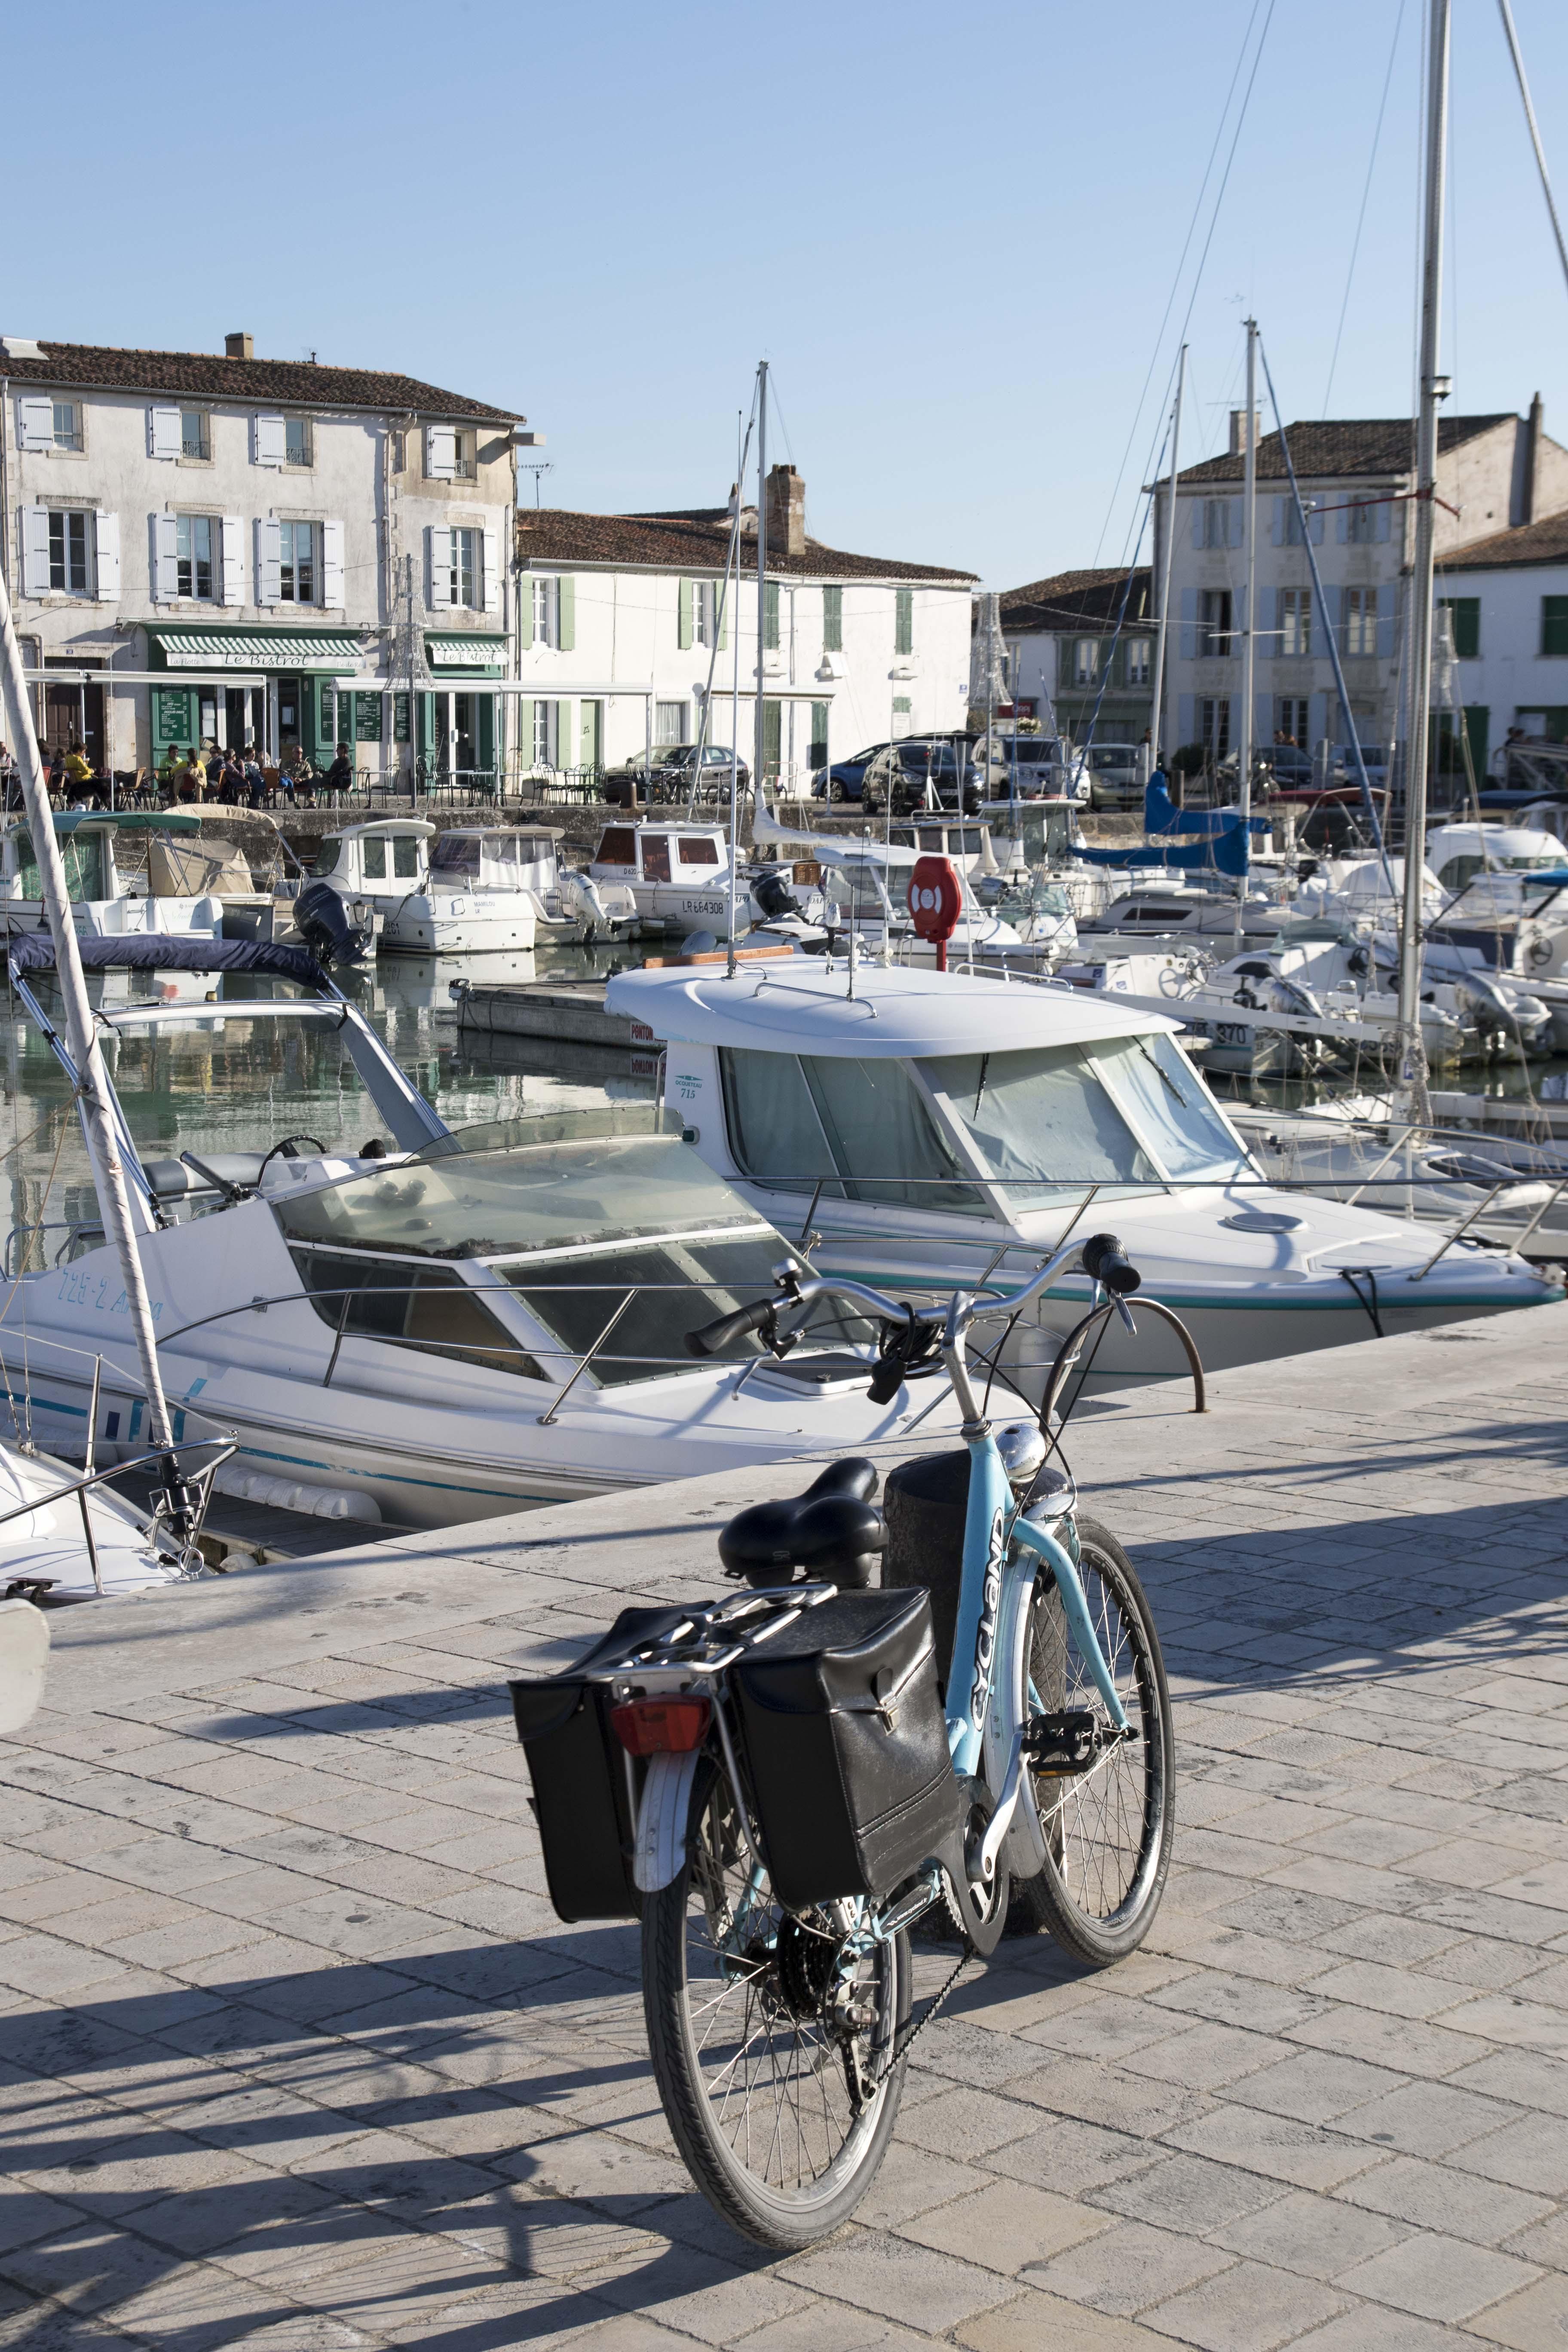 Bike on La Flotte Harbour/Velo sur le port de La Flotte